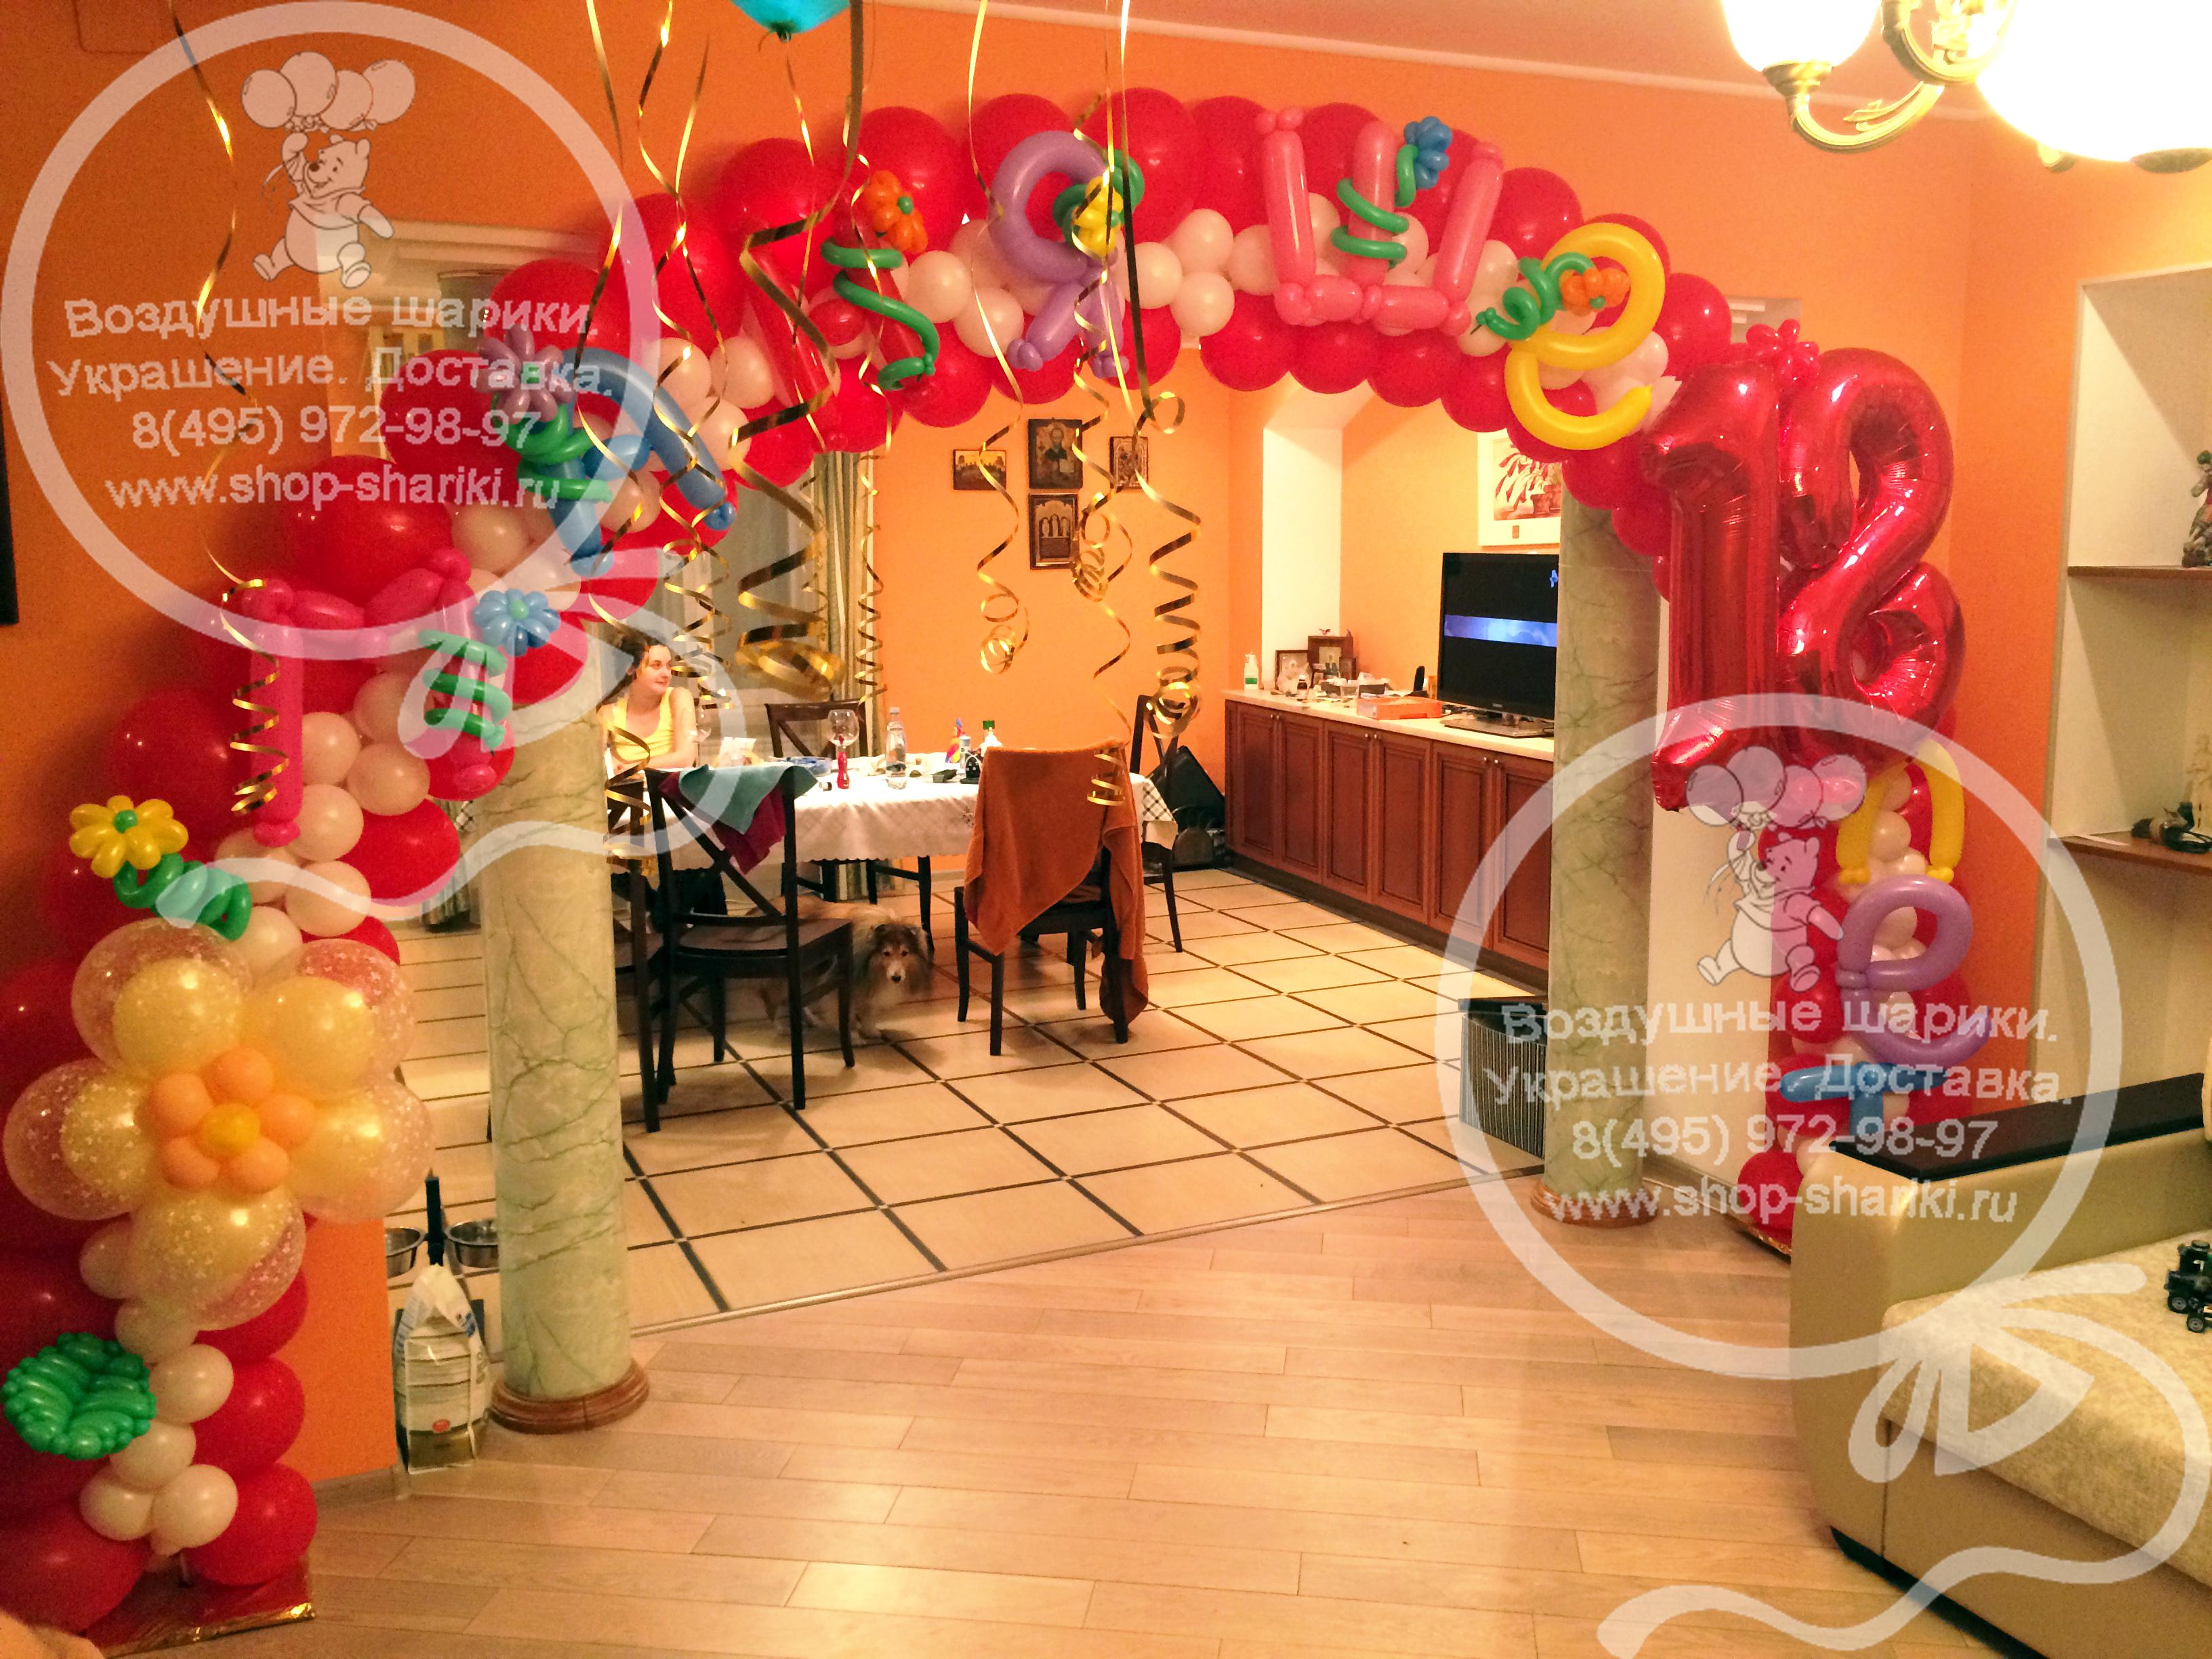 арка-гирлянда_www_shop-sharki_ru.jpg